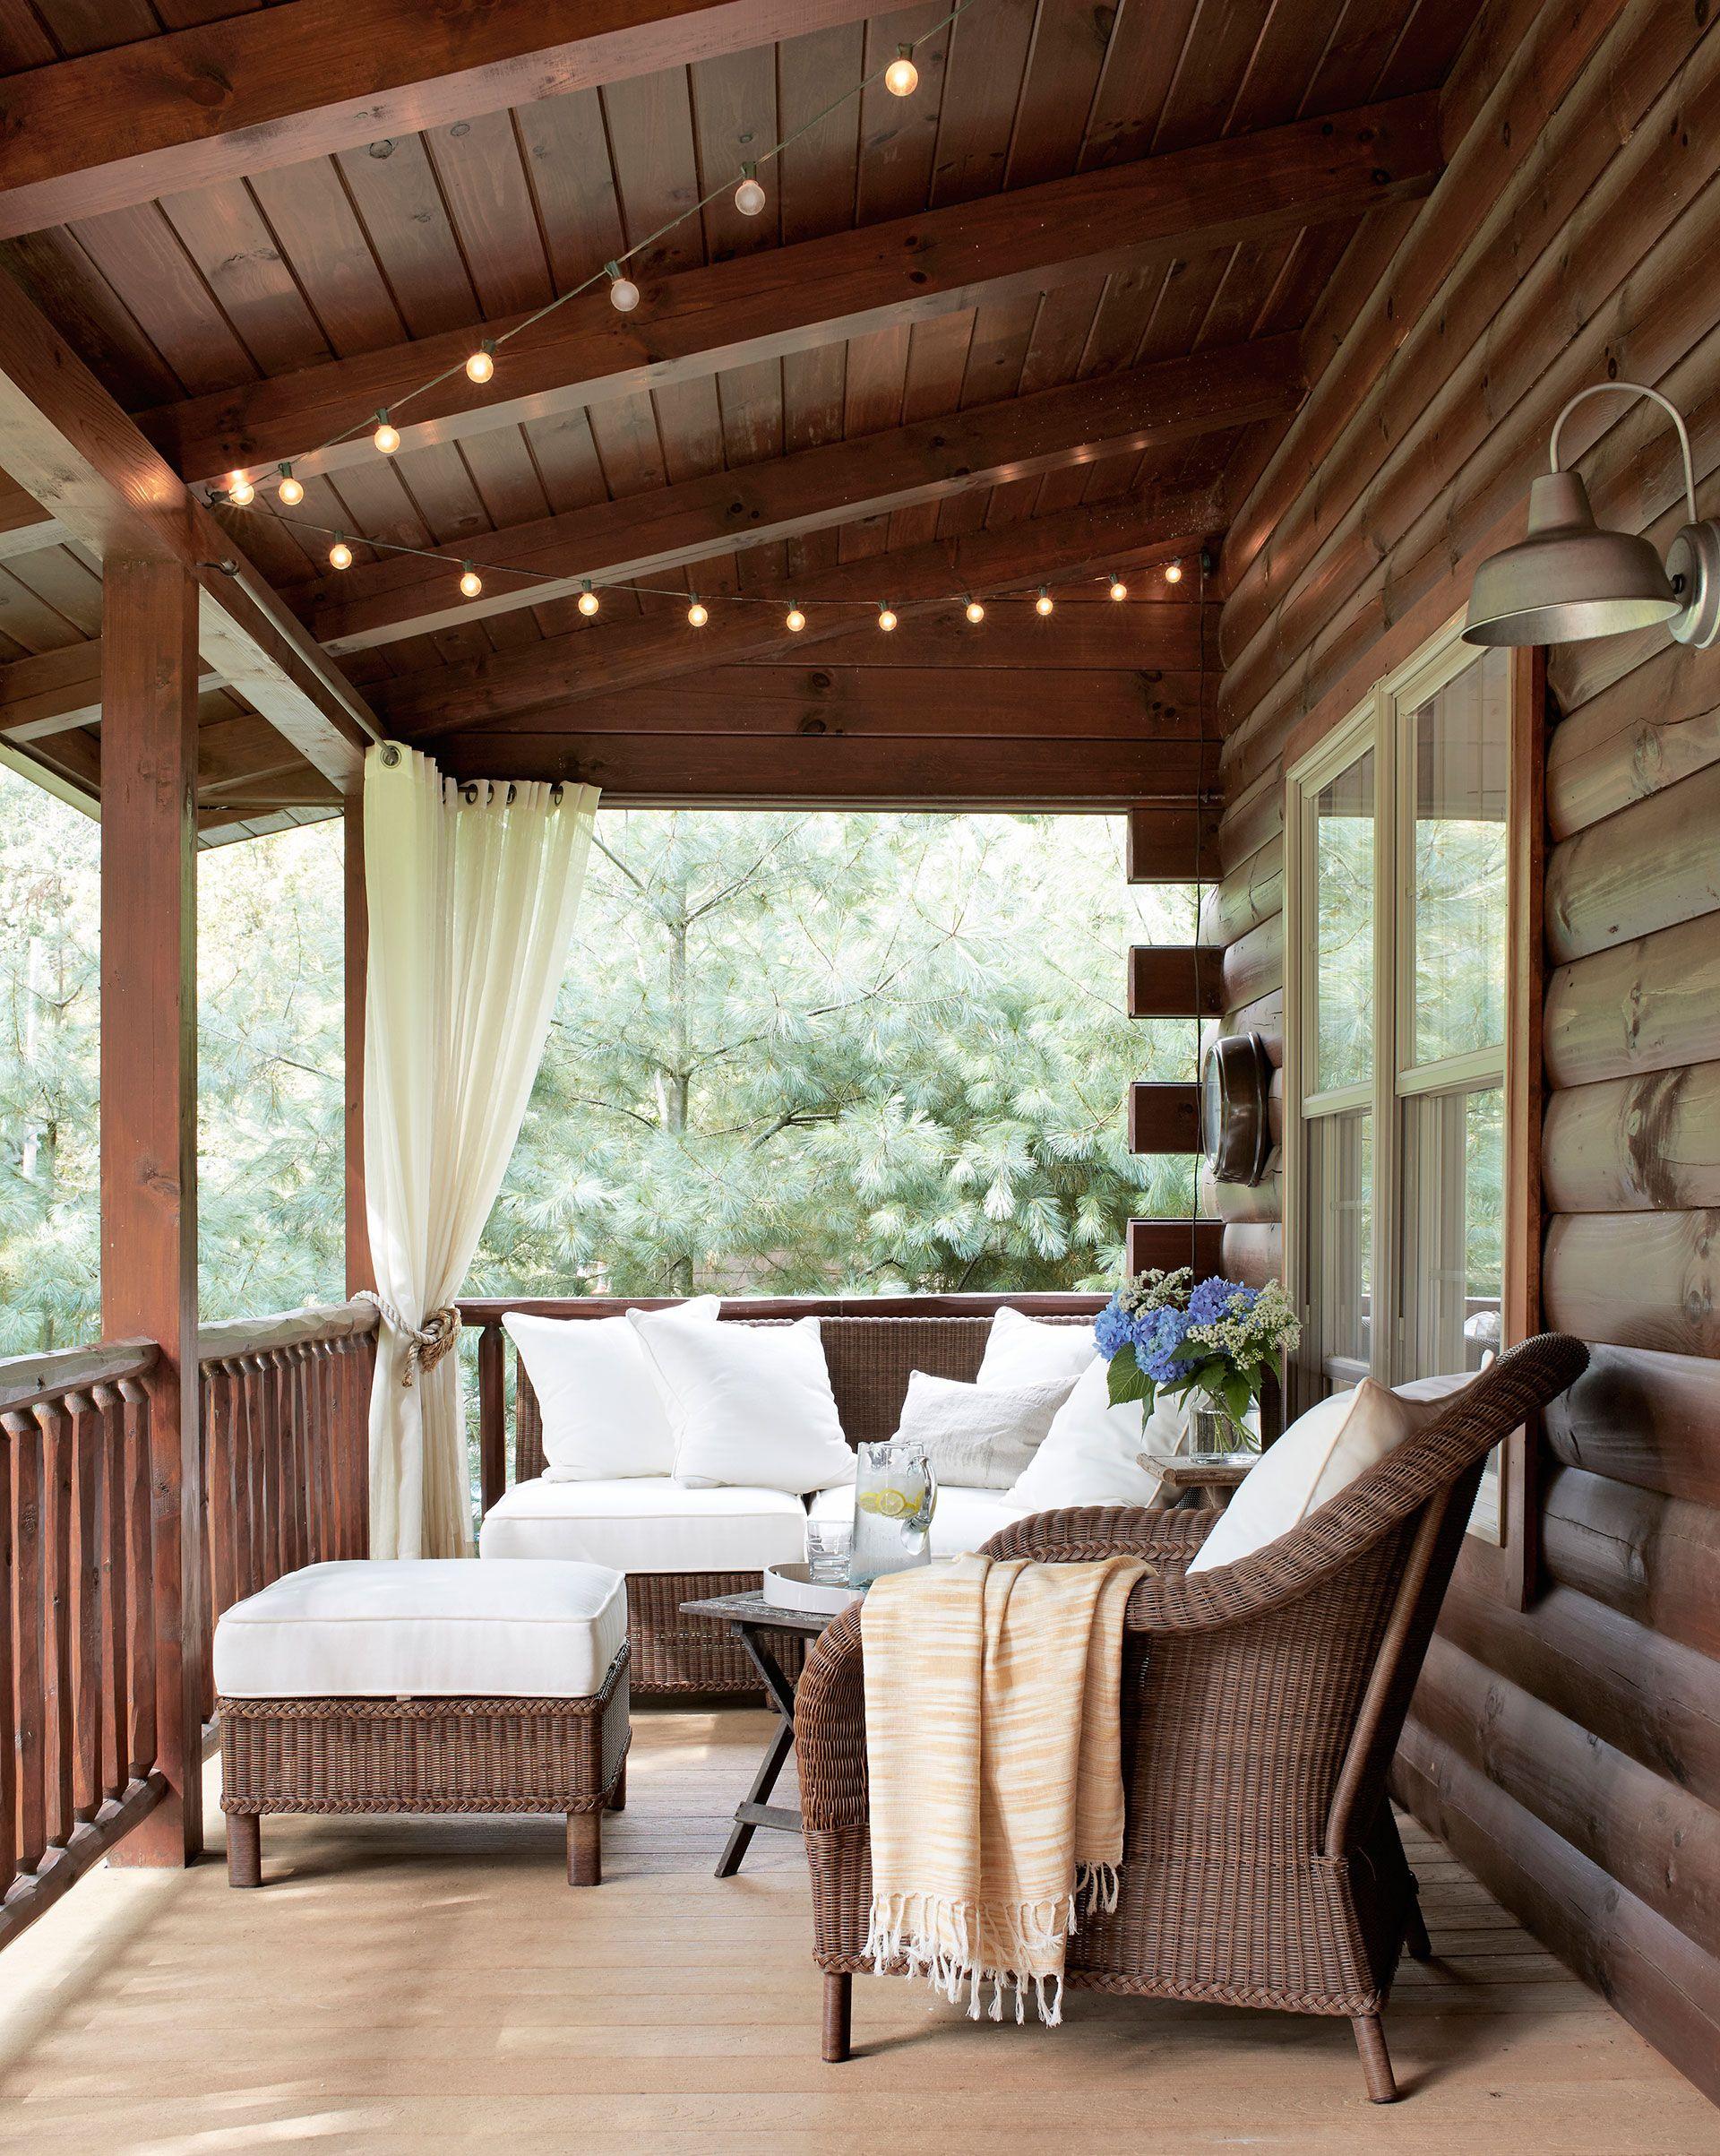 65+ inspiring ways to update your porch | haus einrichten, Gartengerate ideen